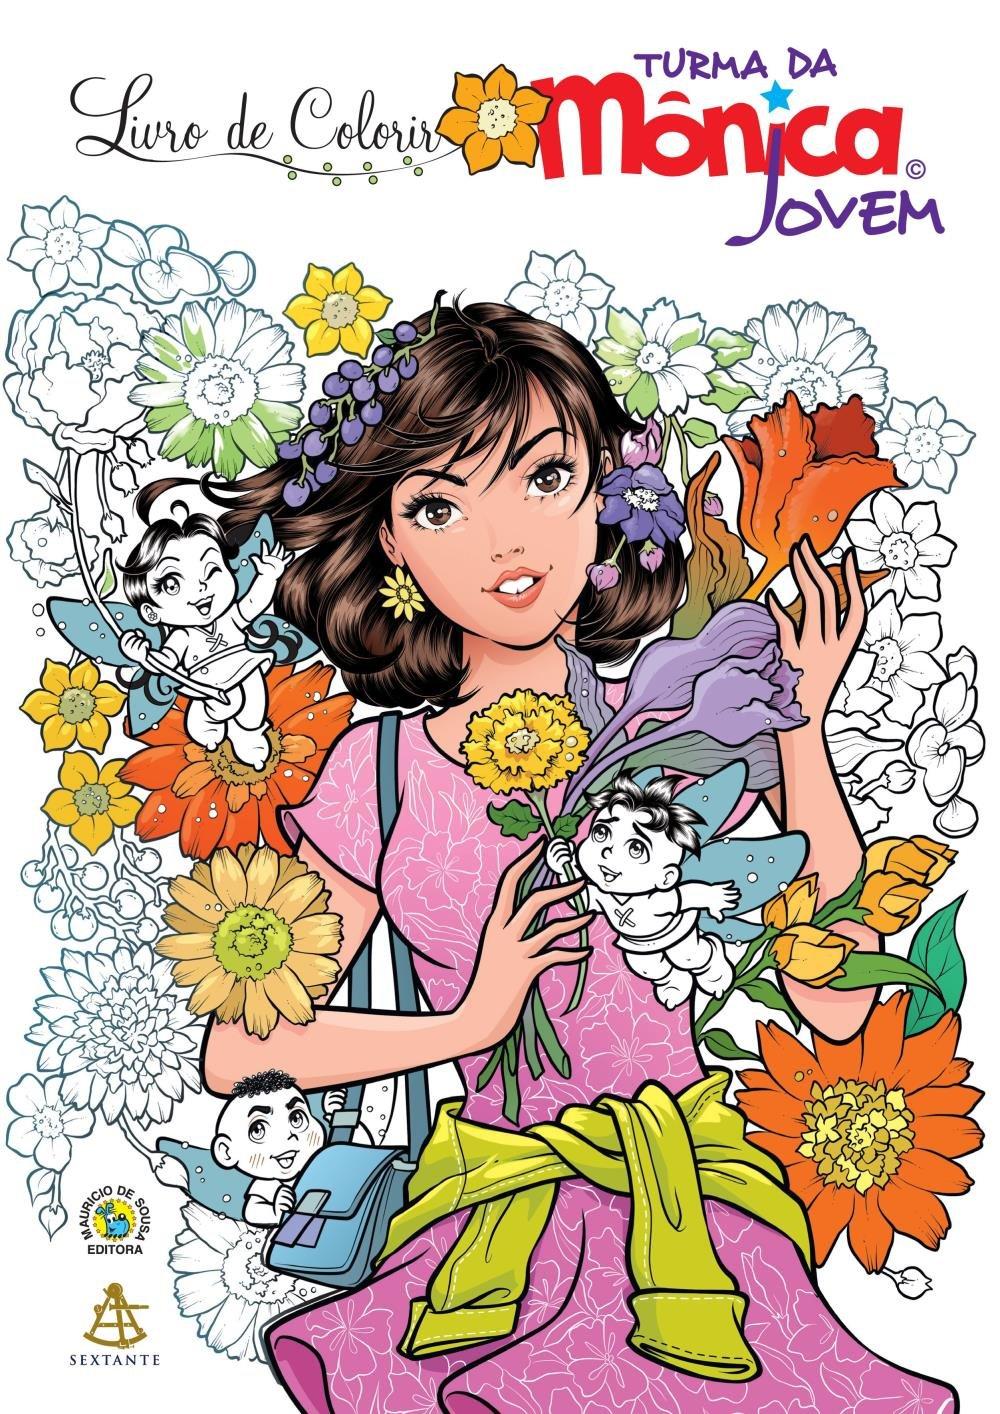 Livro De Colorir Turma Da Monica Jovem Saraiva